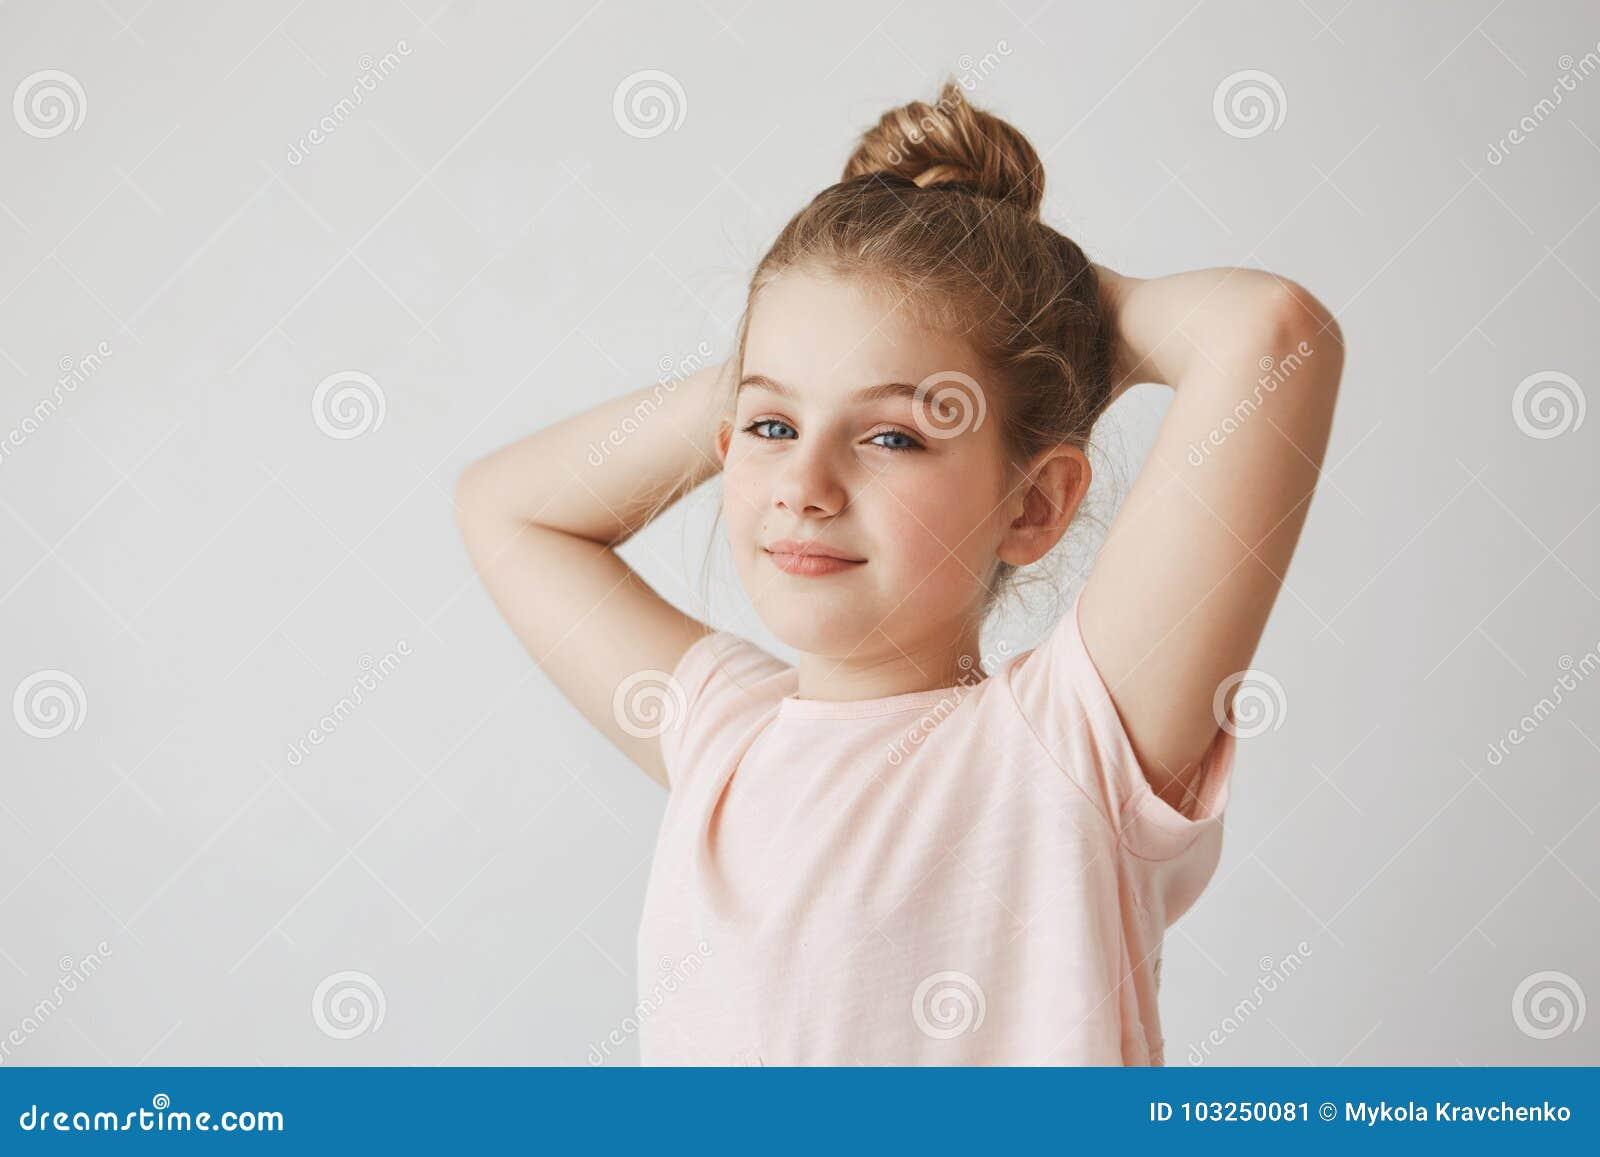 Portret die van vrolijk onbezorgd kind die met blond haar in broodjeskapsel, handen achter hoofd houden brightfully glimlachen